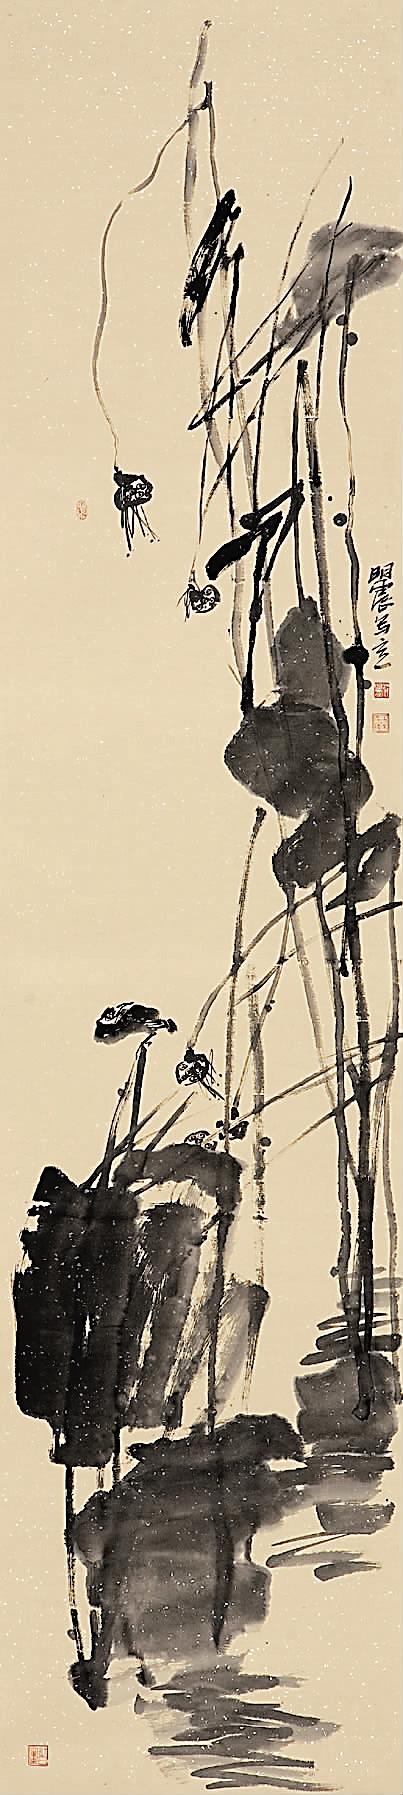 """首届全国""""徐悲鸿奖""""中国画展作品欣赏 - 静涛 - JINGTAOS   BLOG"""